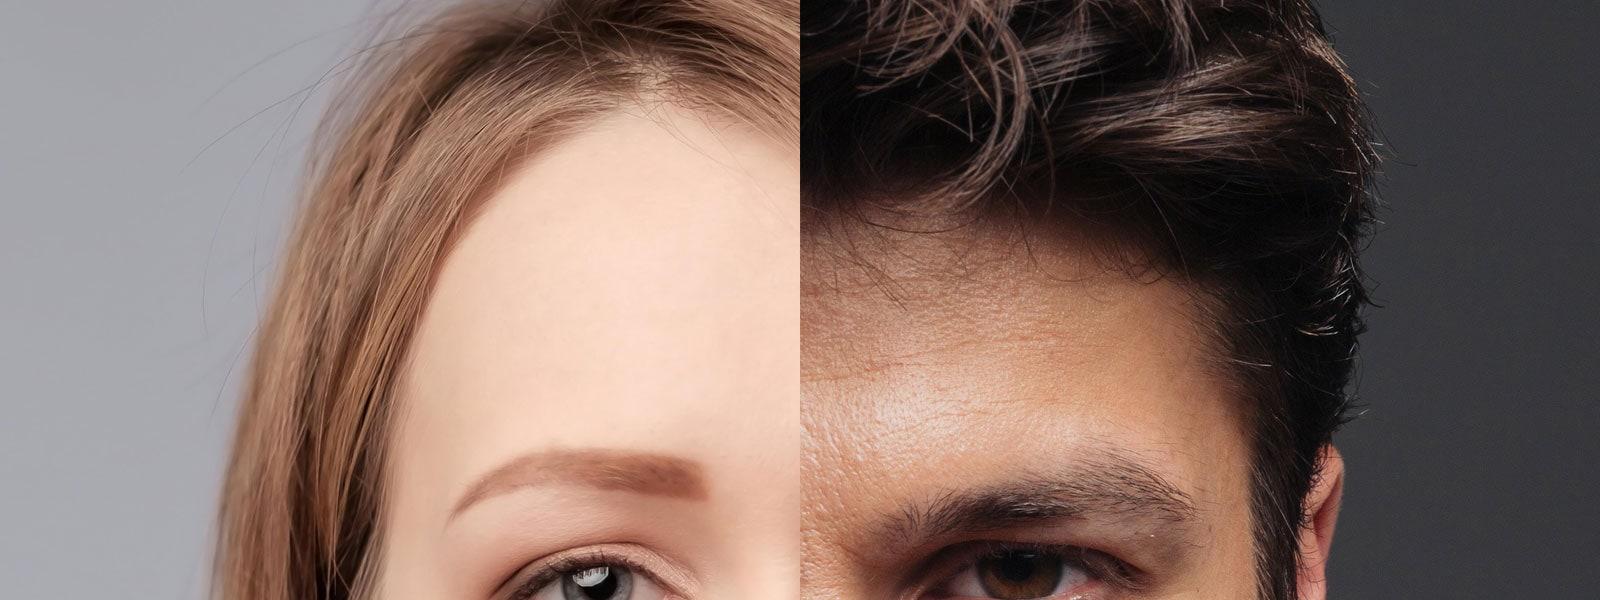 Comparatif homme femme tiers supérieur du visage